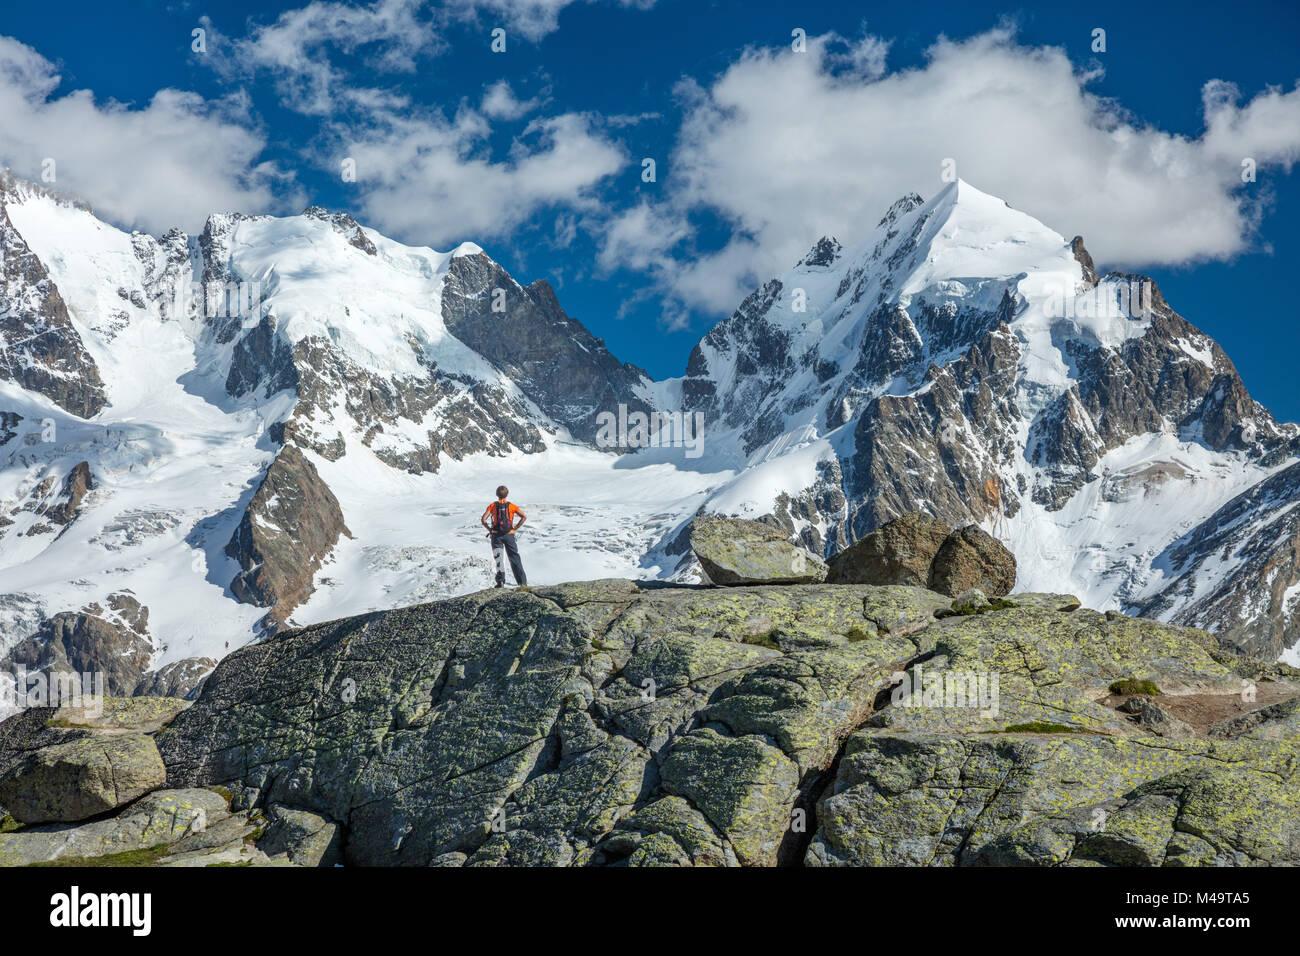 Escursionista sotto il Piz Bernina e Piz Rosbeg, Fuorcla Surlej, Berniner Alpi, Grigioni, Svizzera. Immagini Stock